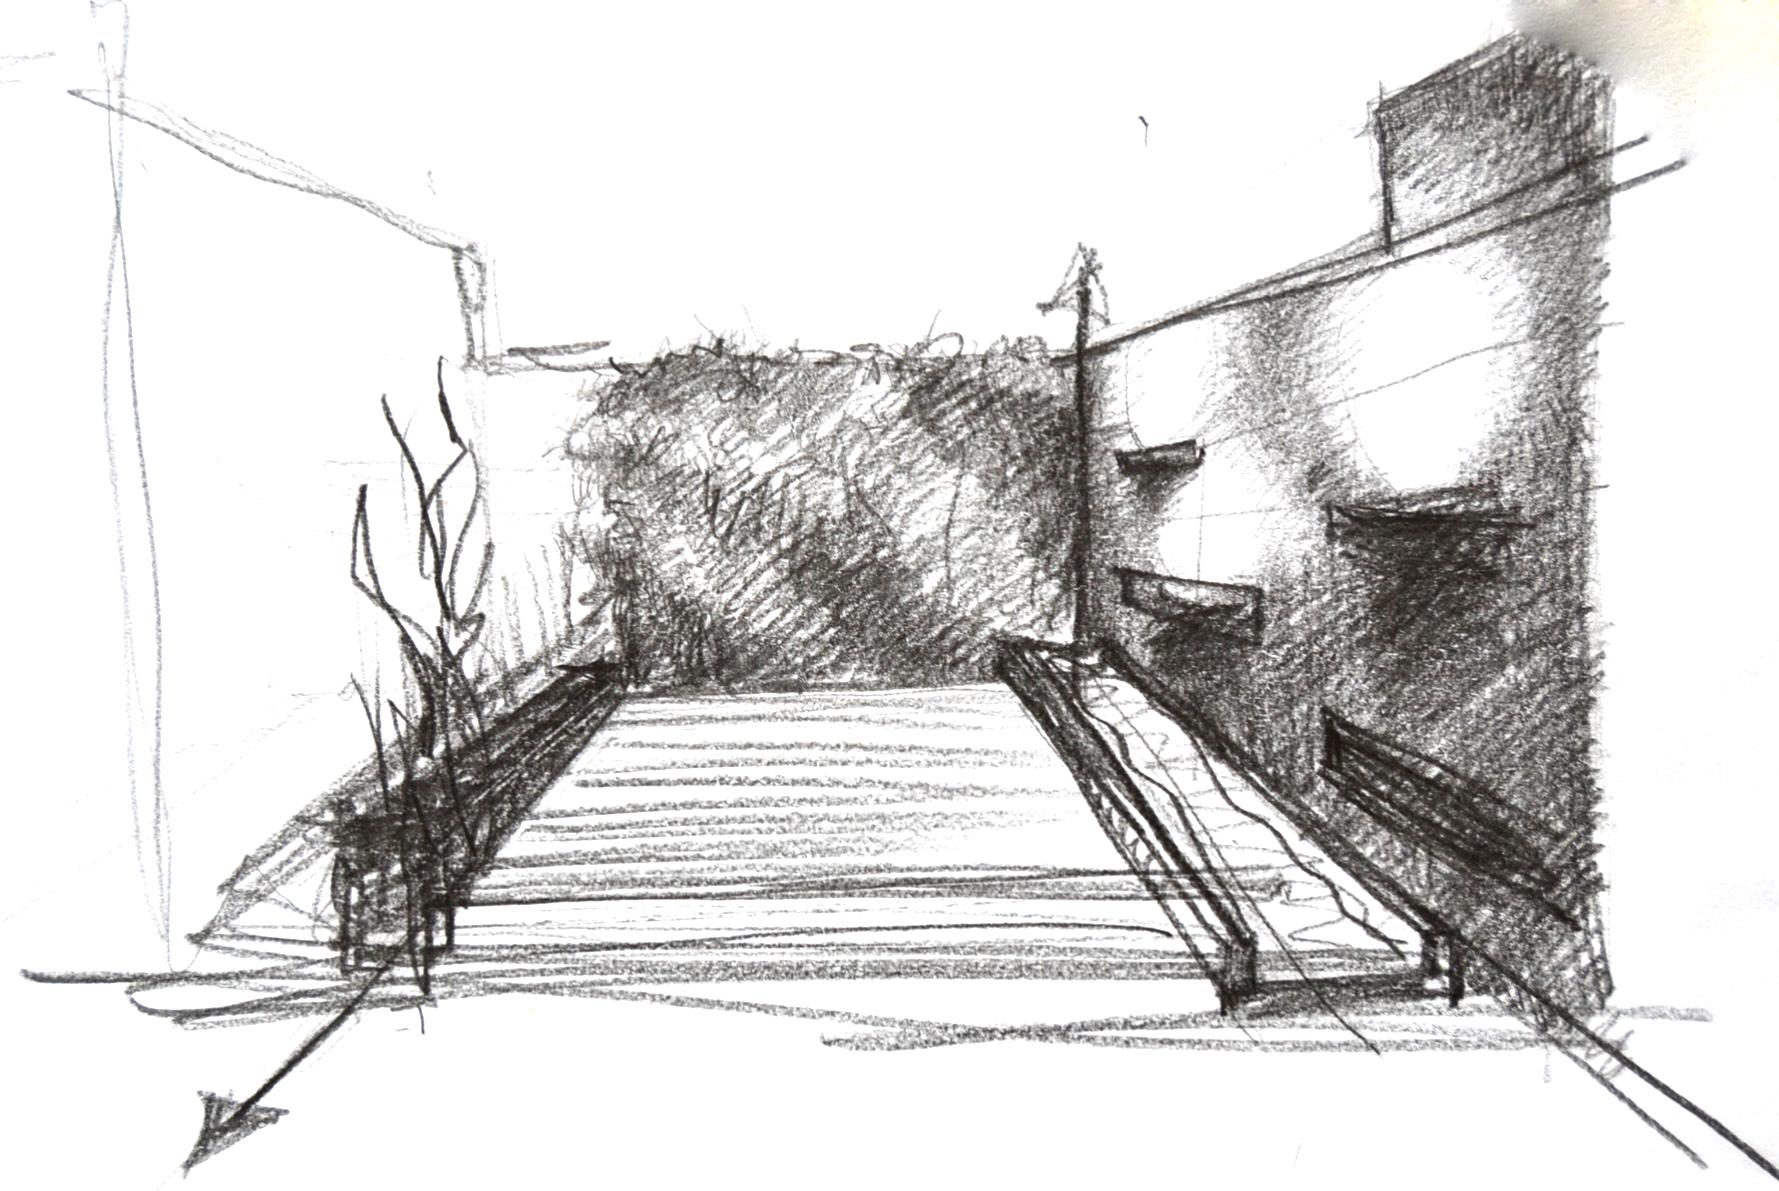 Patio Sketch - Giovanni Antico Architect